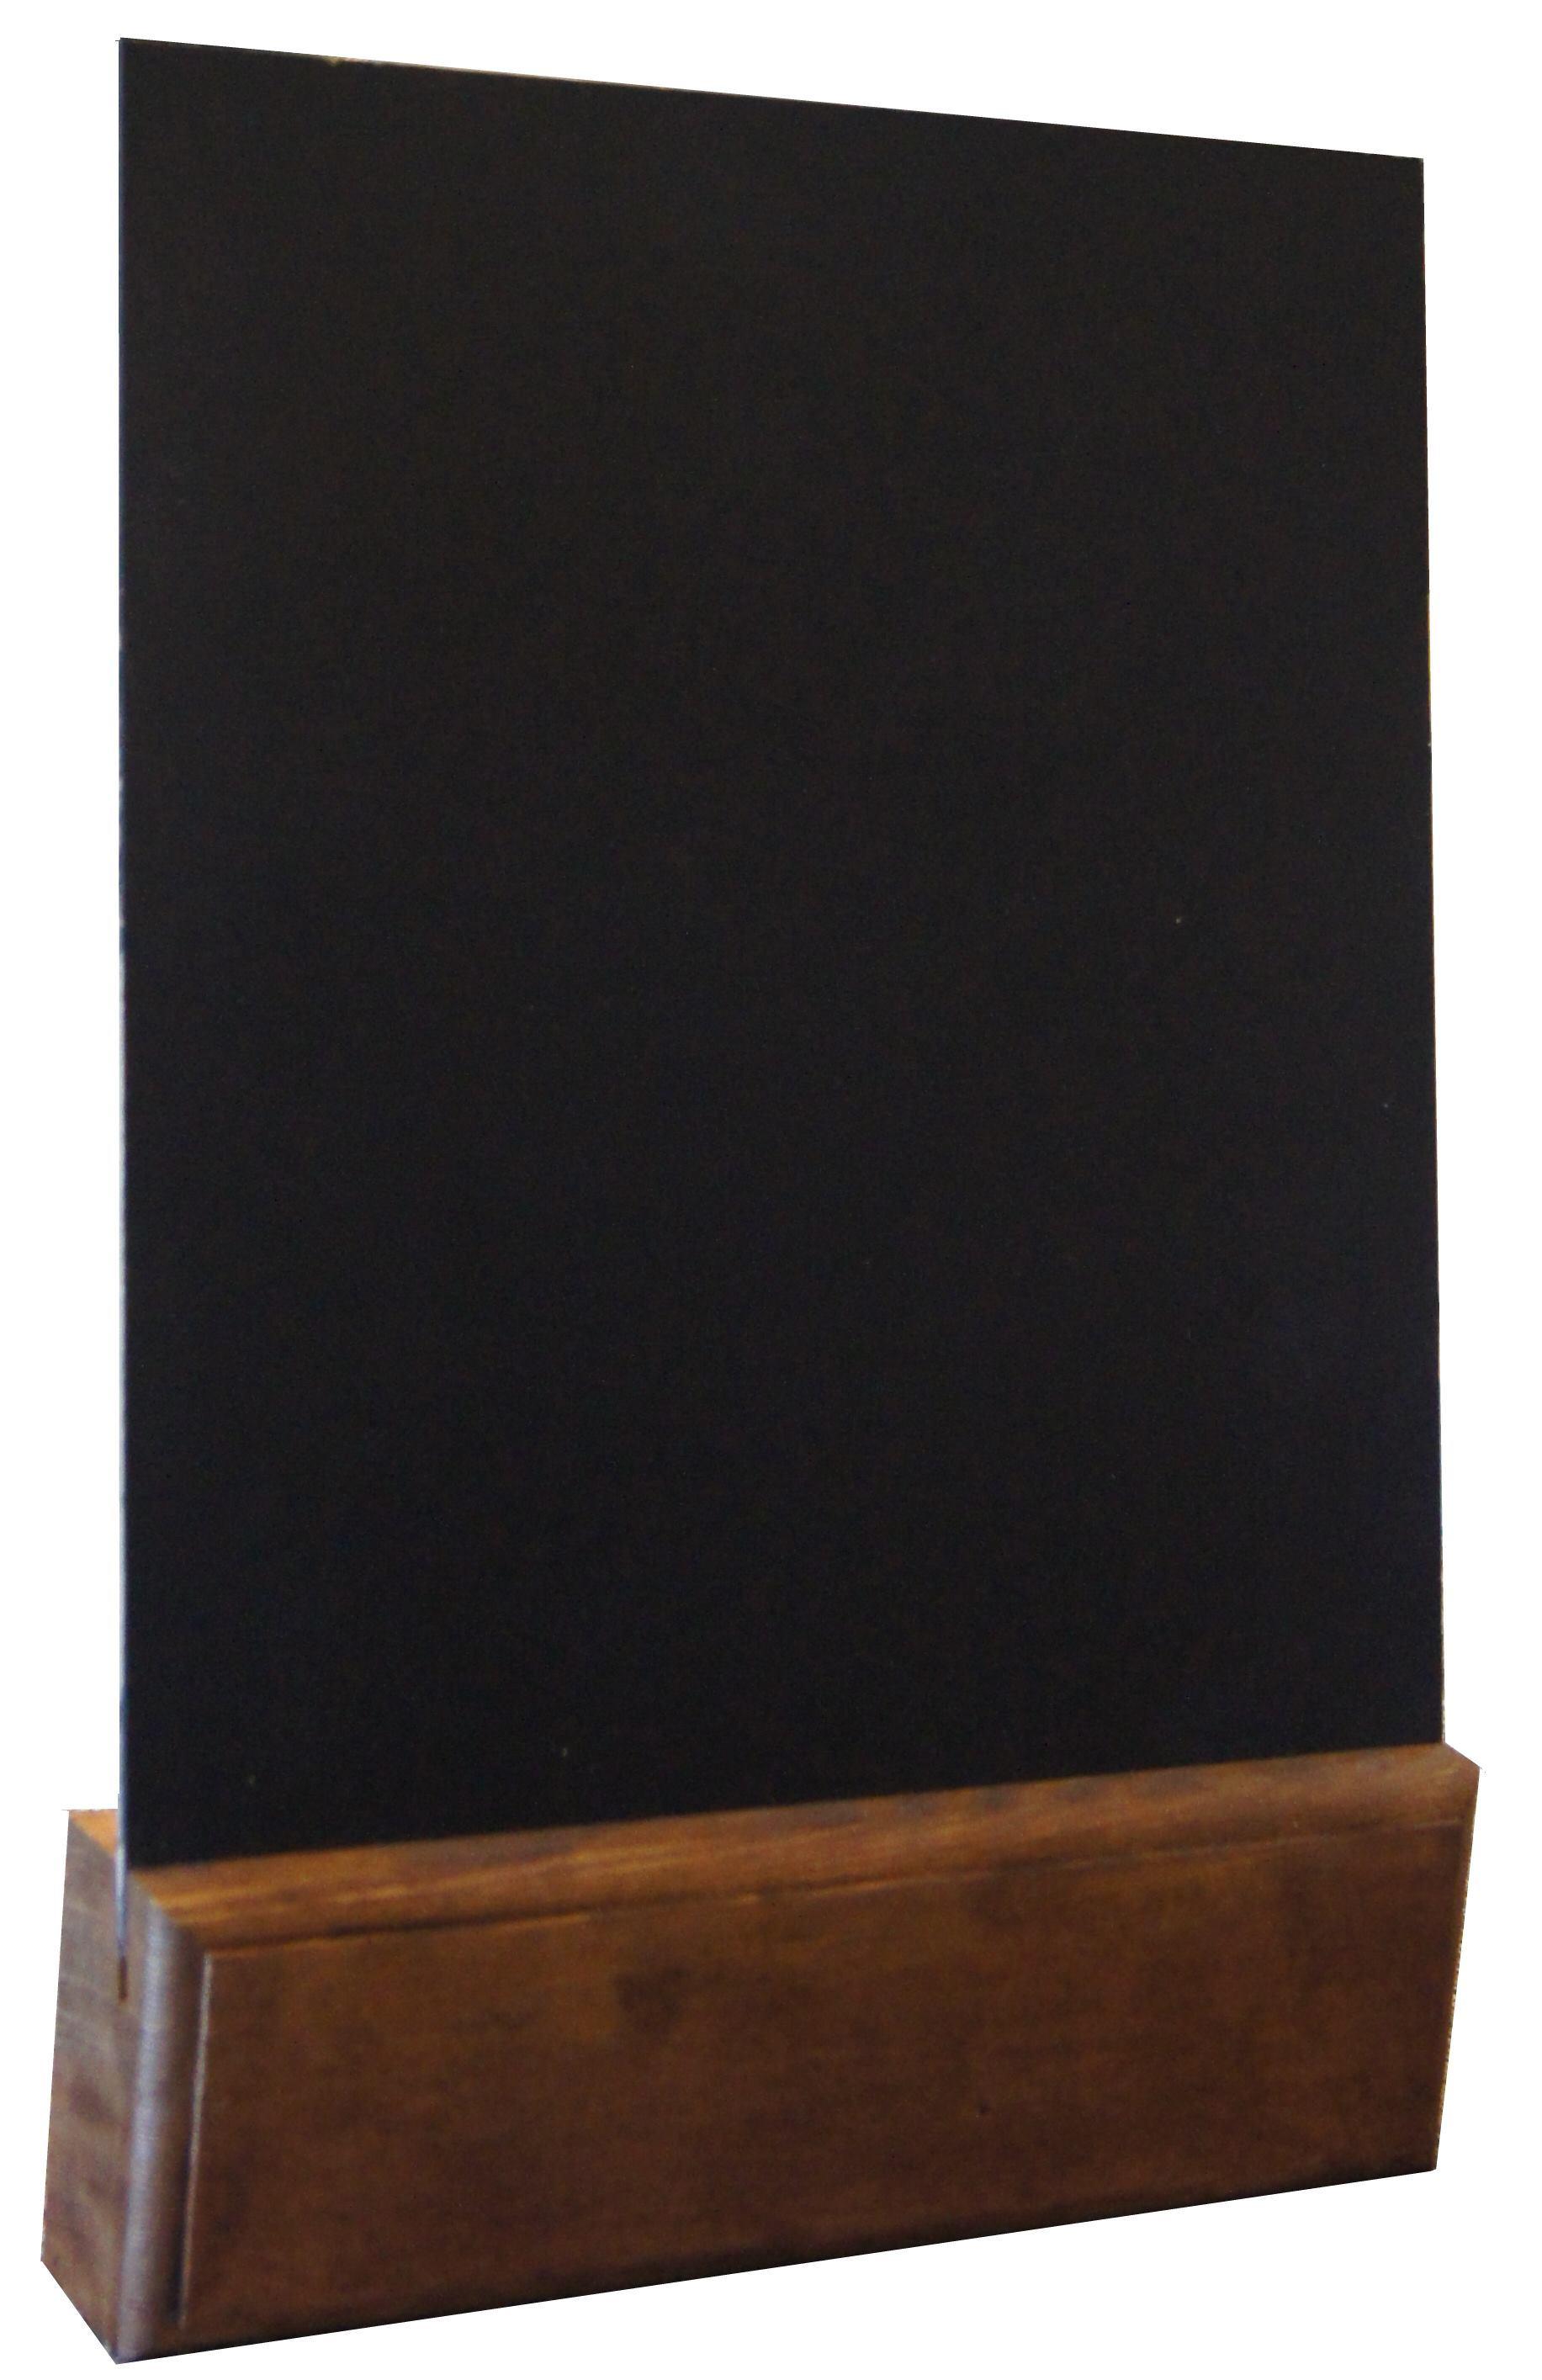 Tabliczka w kolorze ciemnego drewna